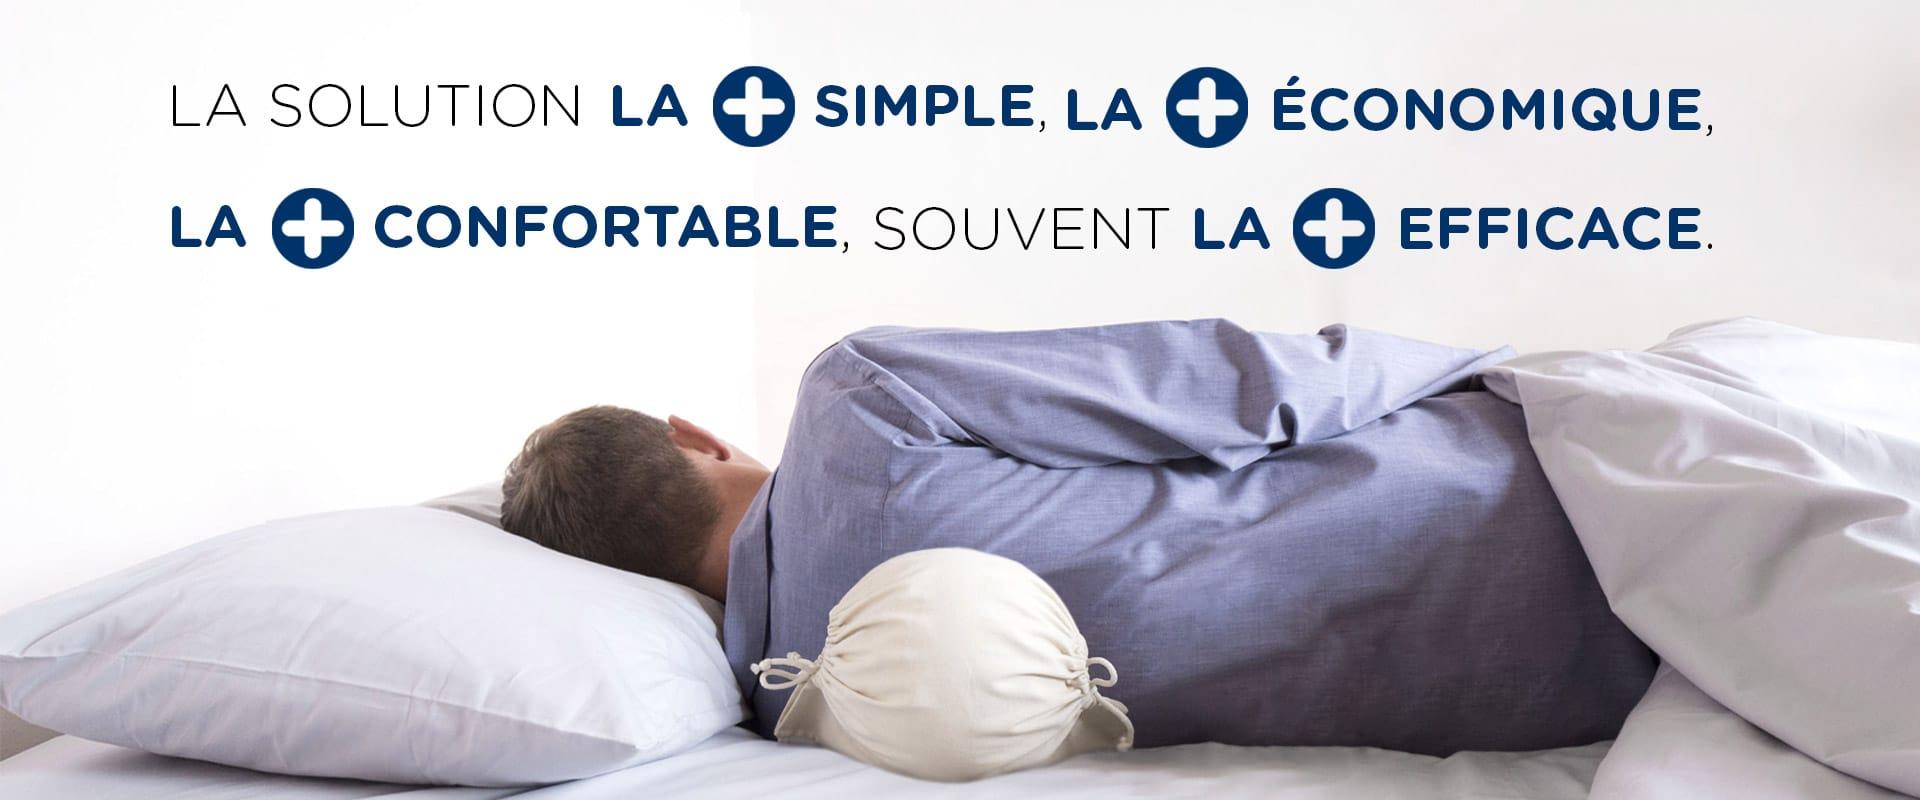 posiball_la_solution_contre_lapnee_du_sommeil